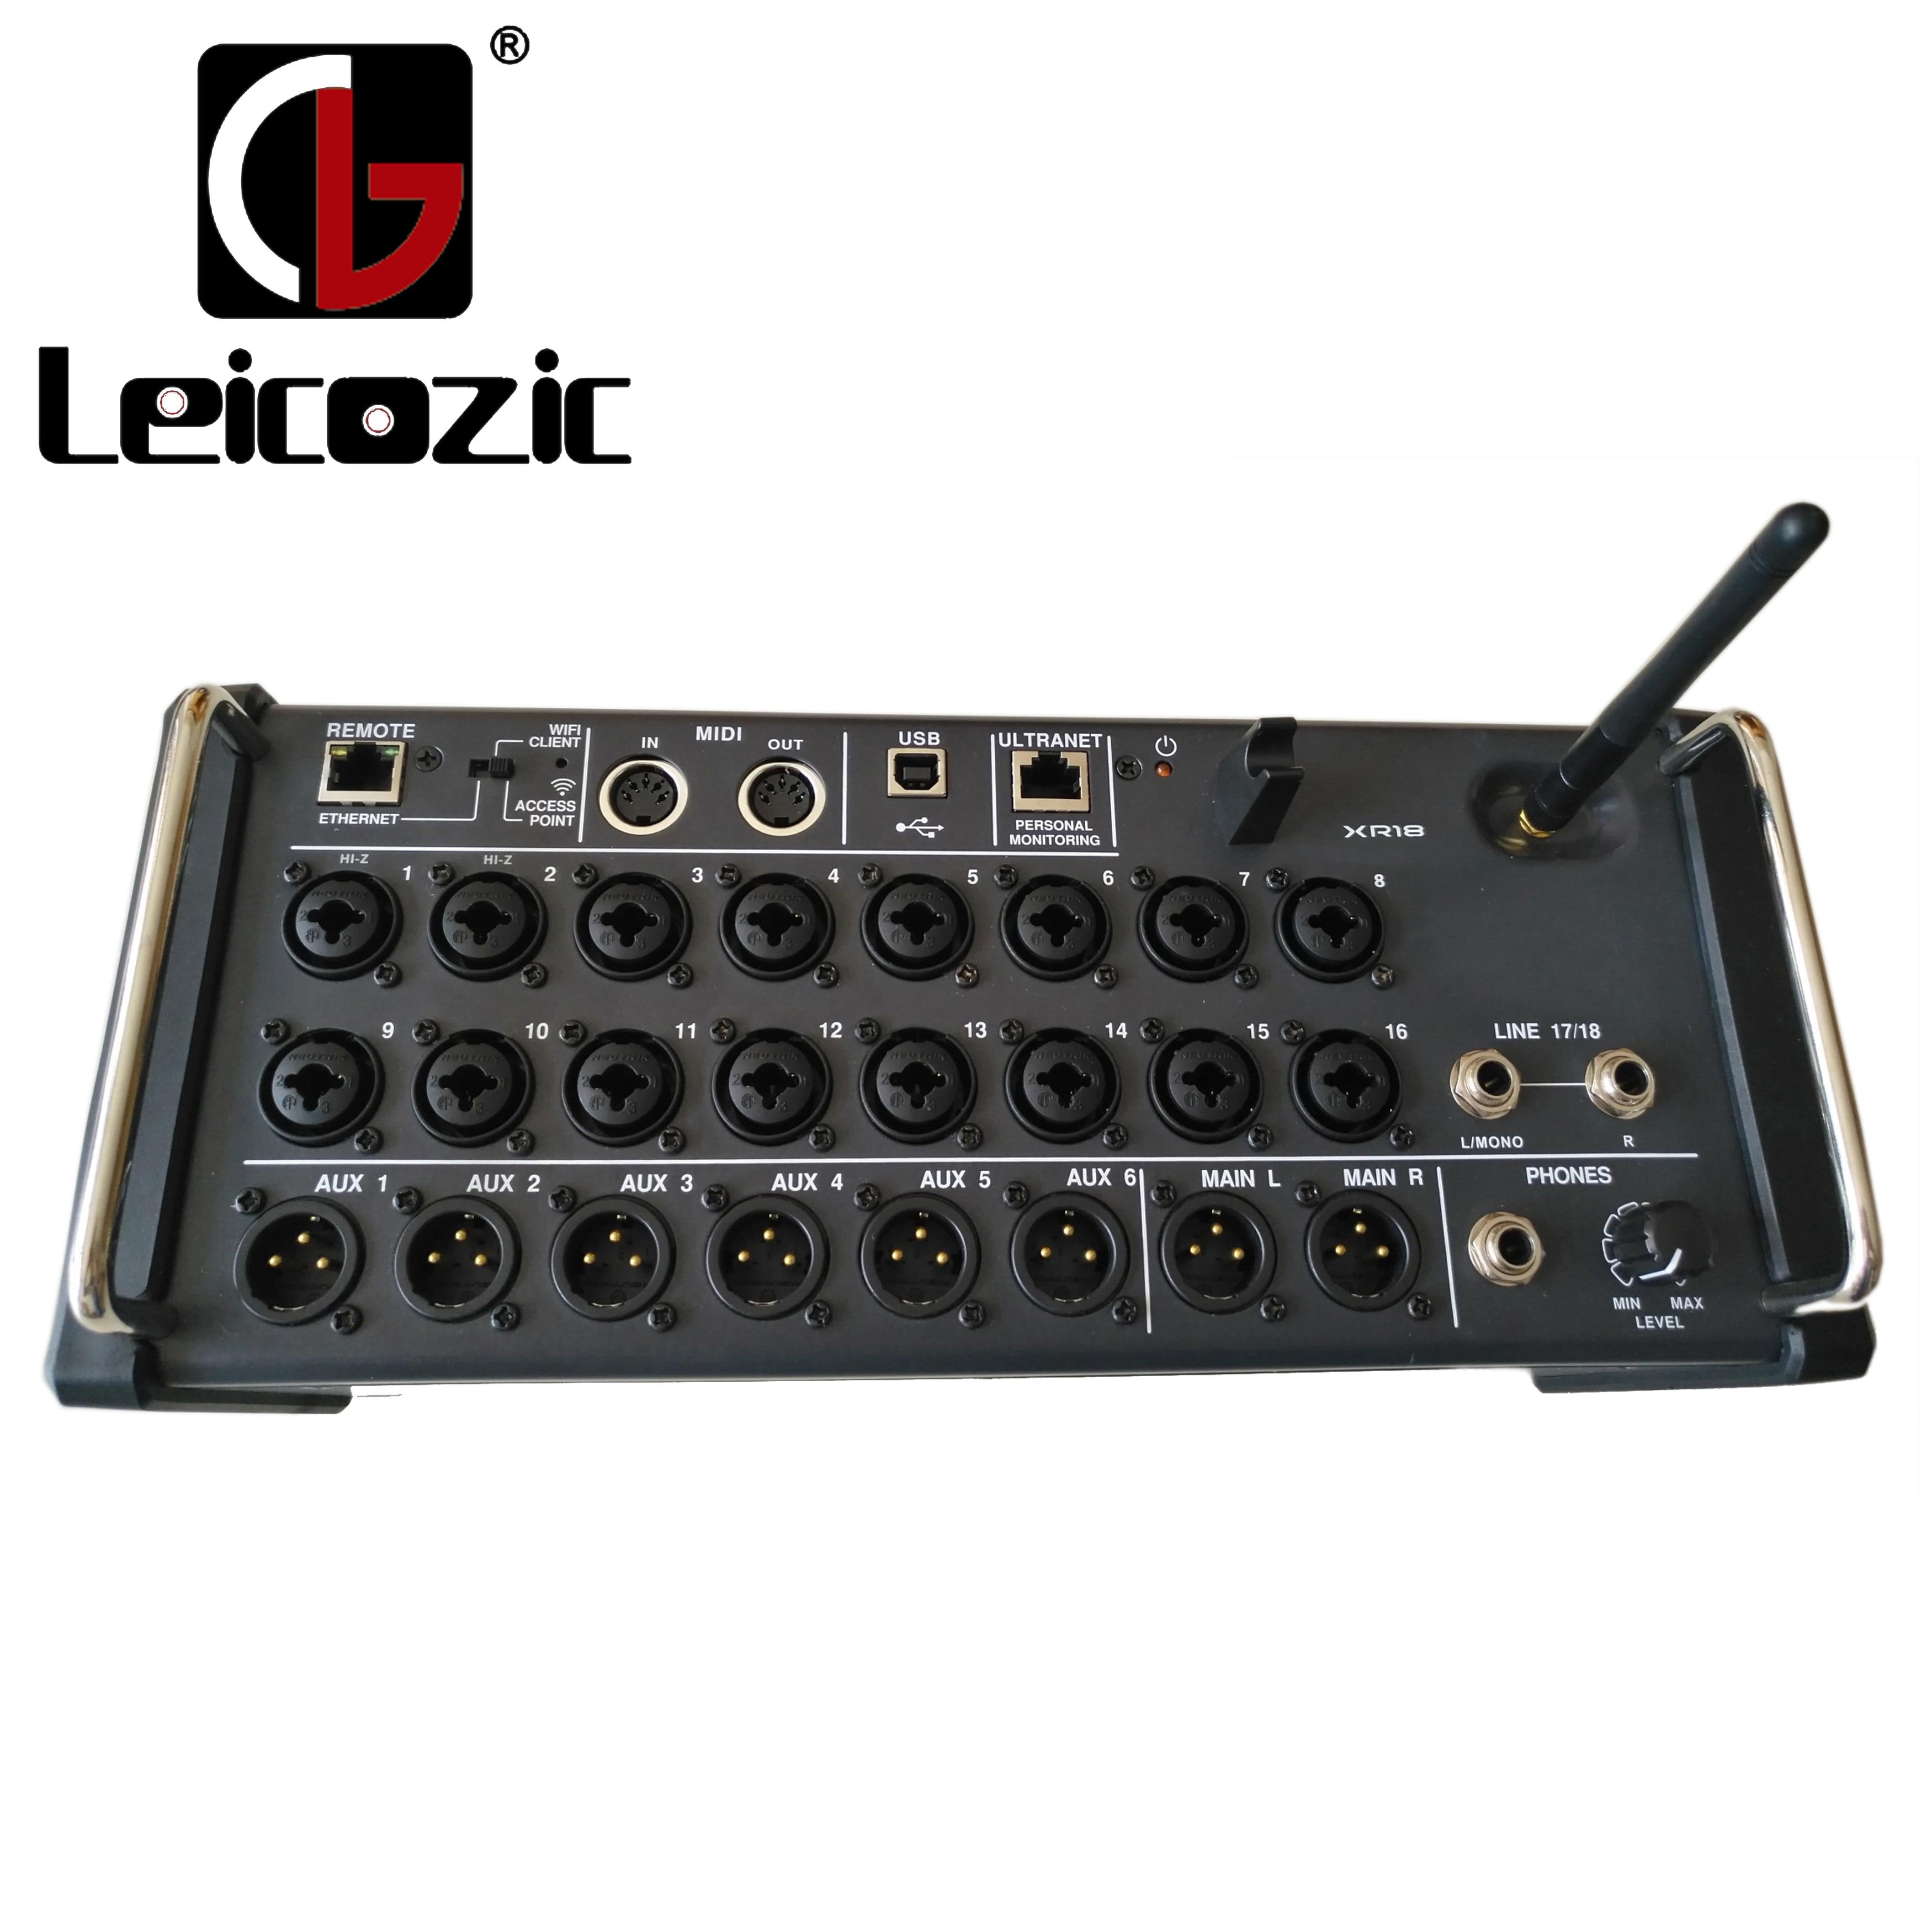 Leicozic X aire XR18 18-Ch 12-Autobús mezclador Digital para iPad/Android Tablet construido en Wi-Fi/USB adecuado para escenario/sonido vivo/estudio